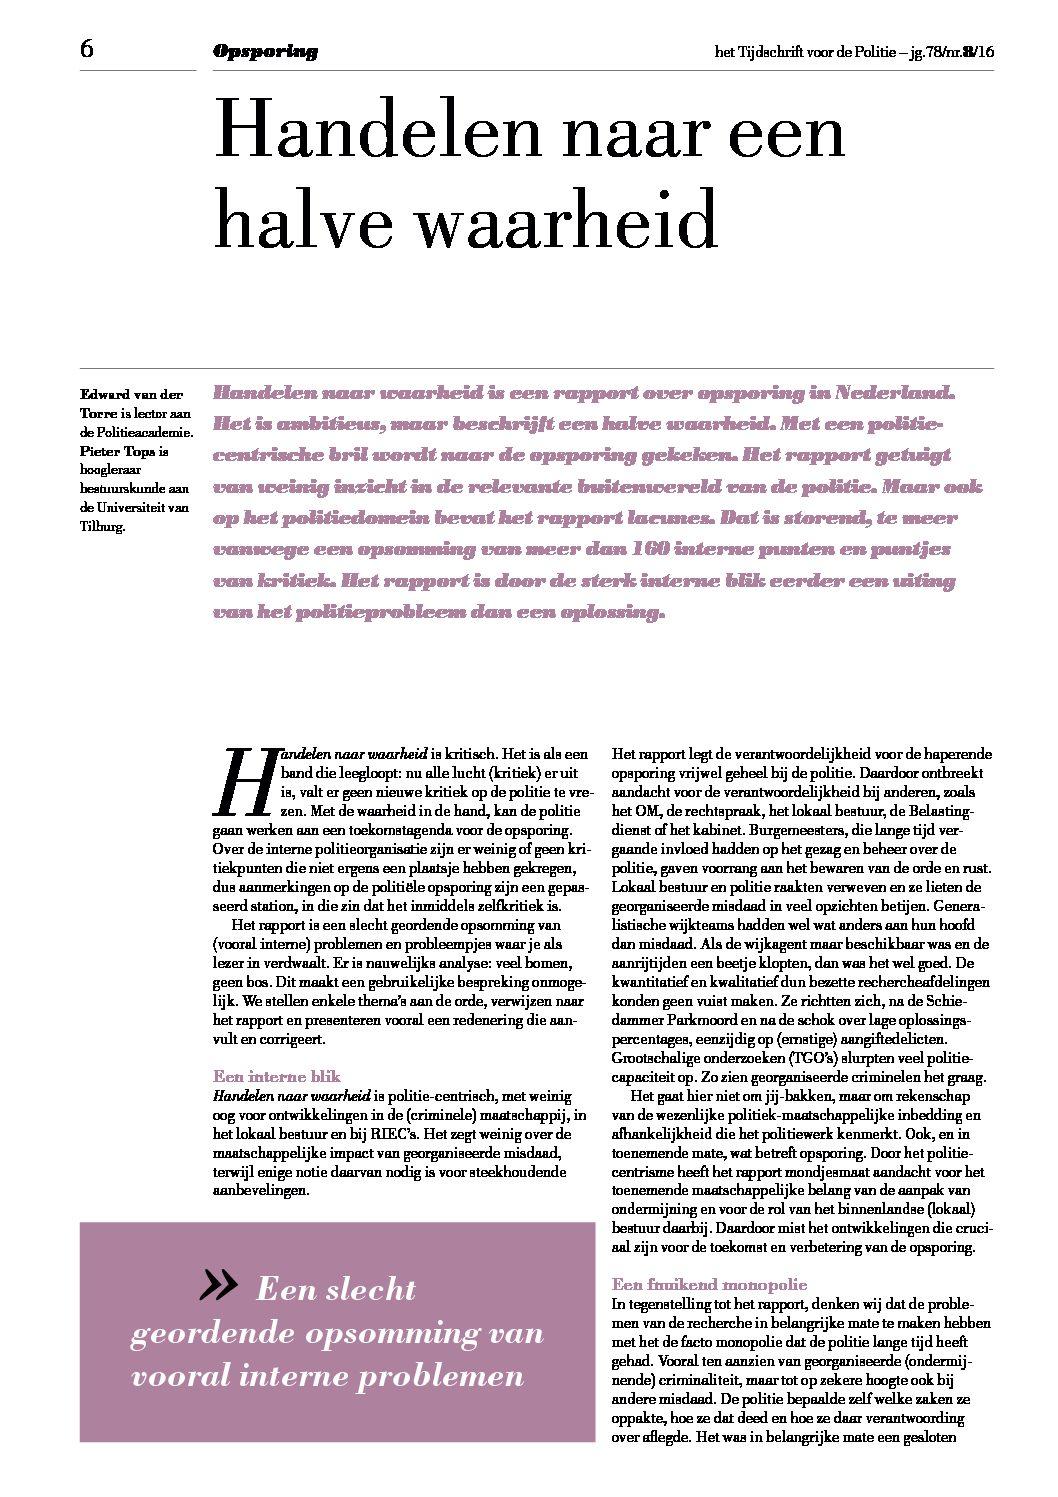 Handelen naar een halve waarheid, Het Tijdschrift voor de Politie, 2016, 78 (8), pp. 6-8.